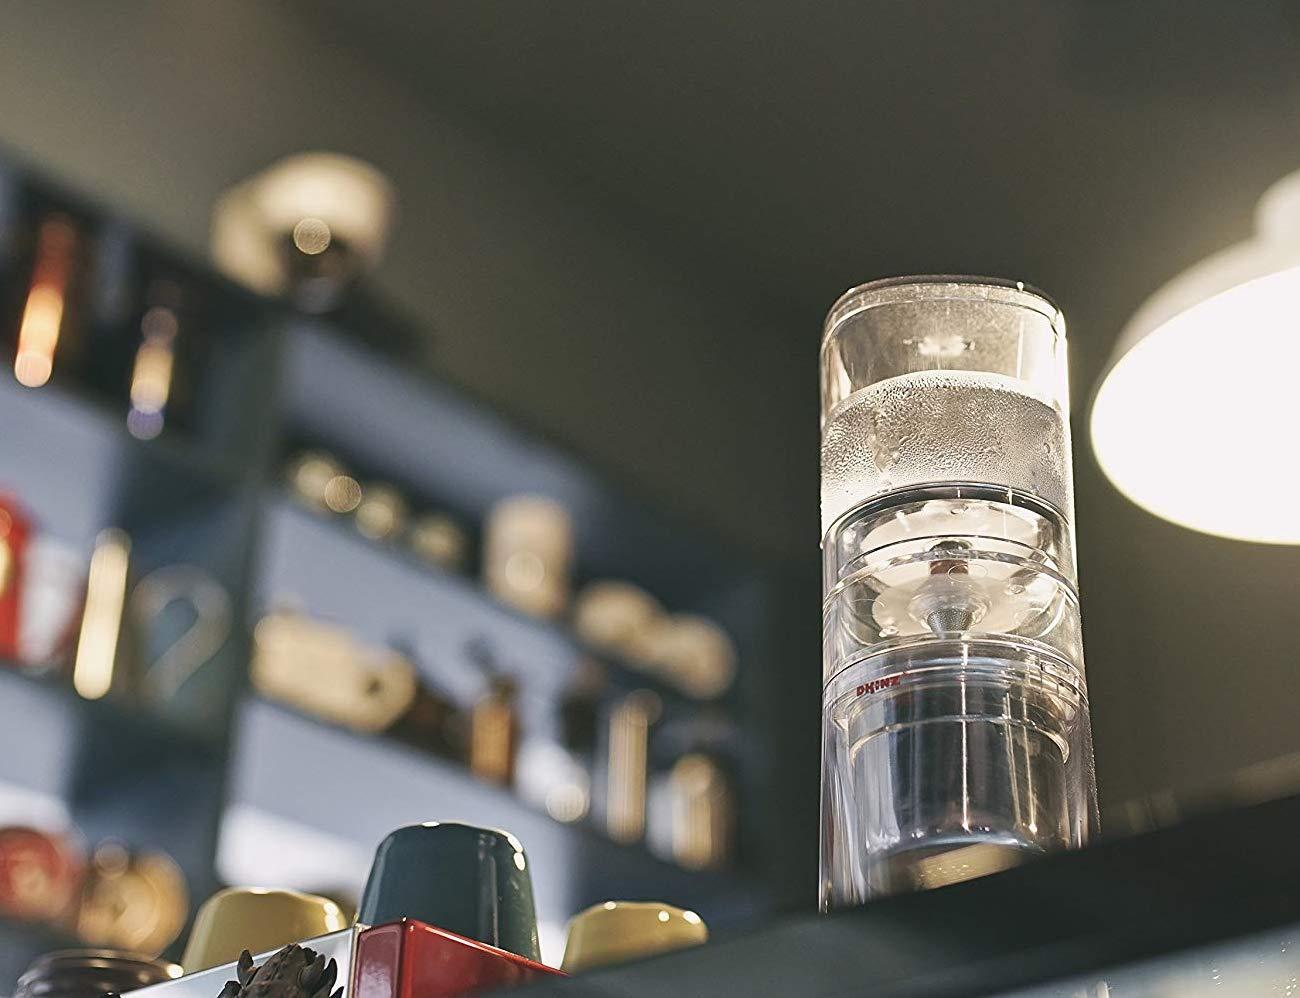 DKINZ Izac-L Portable Cold Brew Coffee Maker